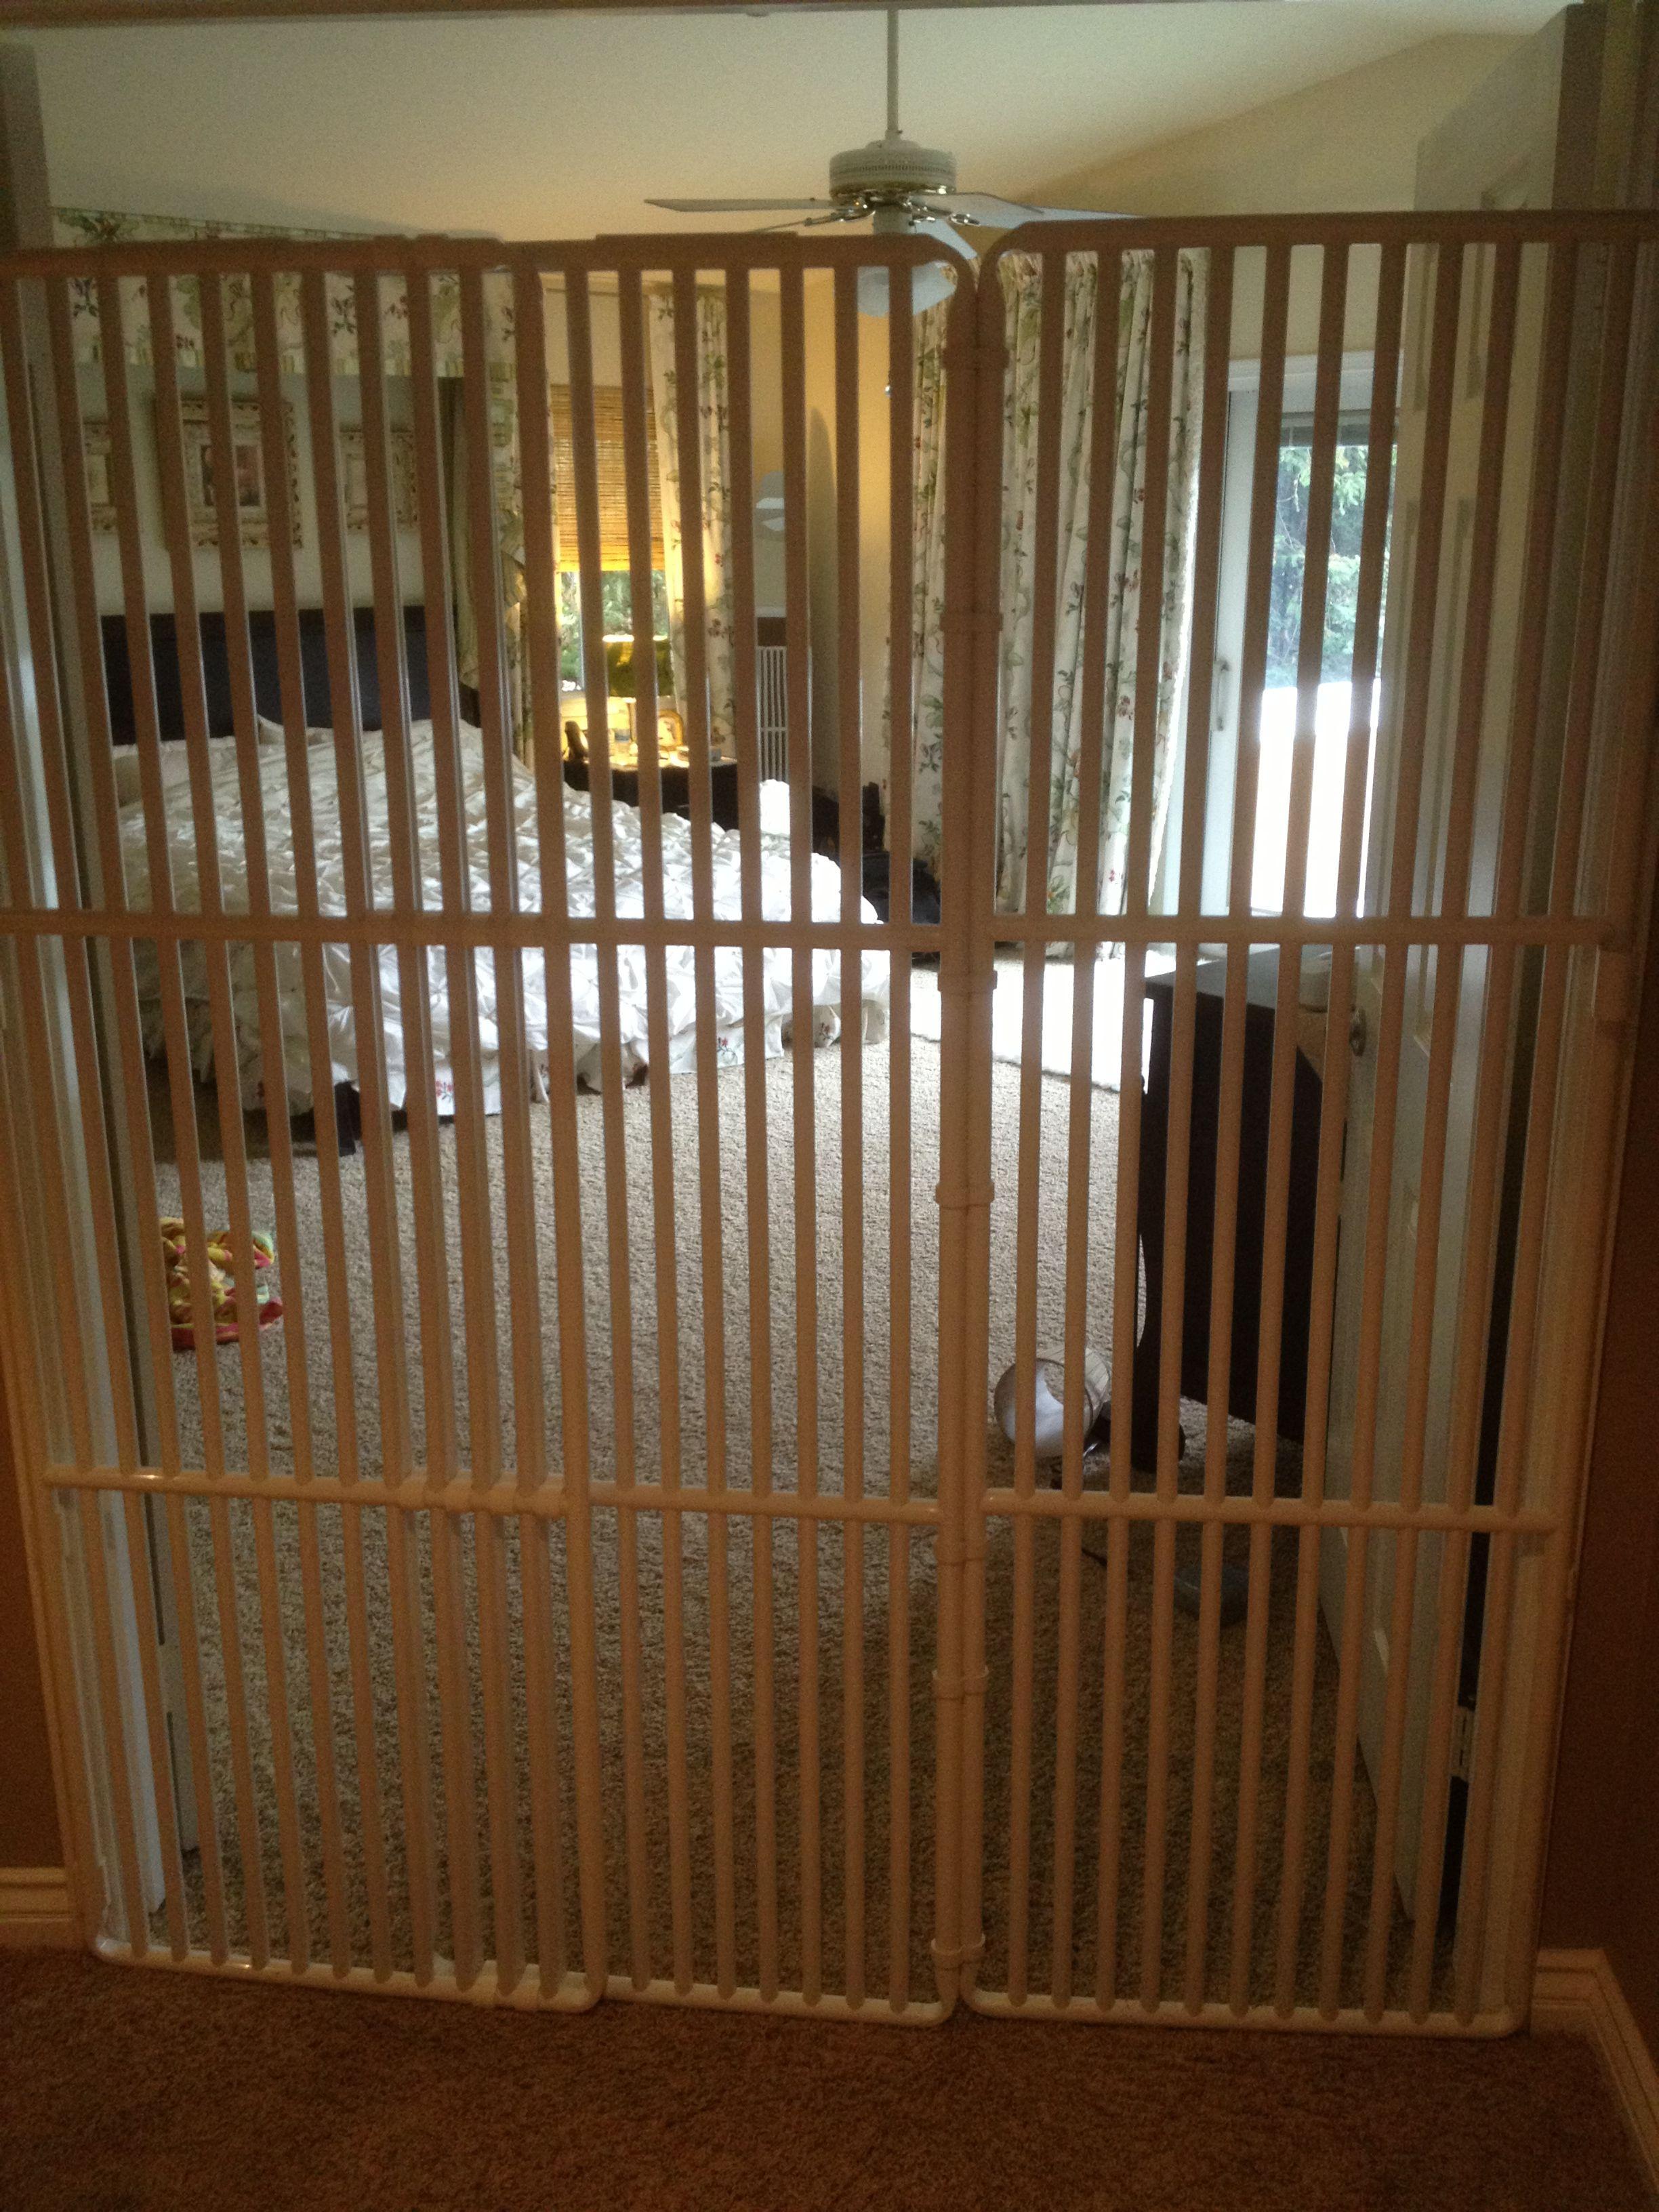 The Tallest Cat Gate In The World Pet Gates Cat Gate